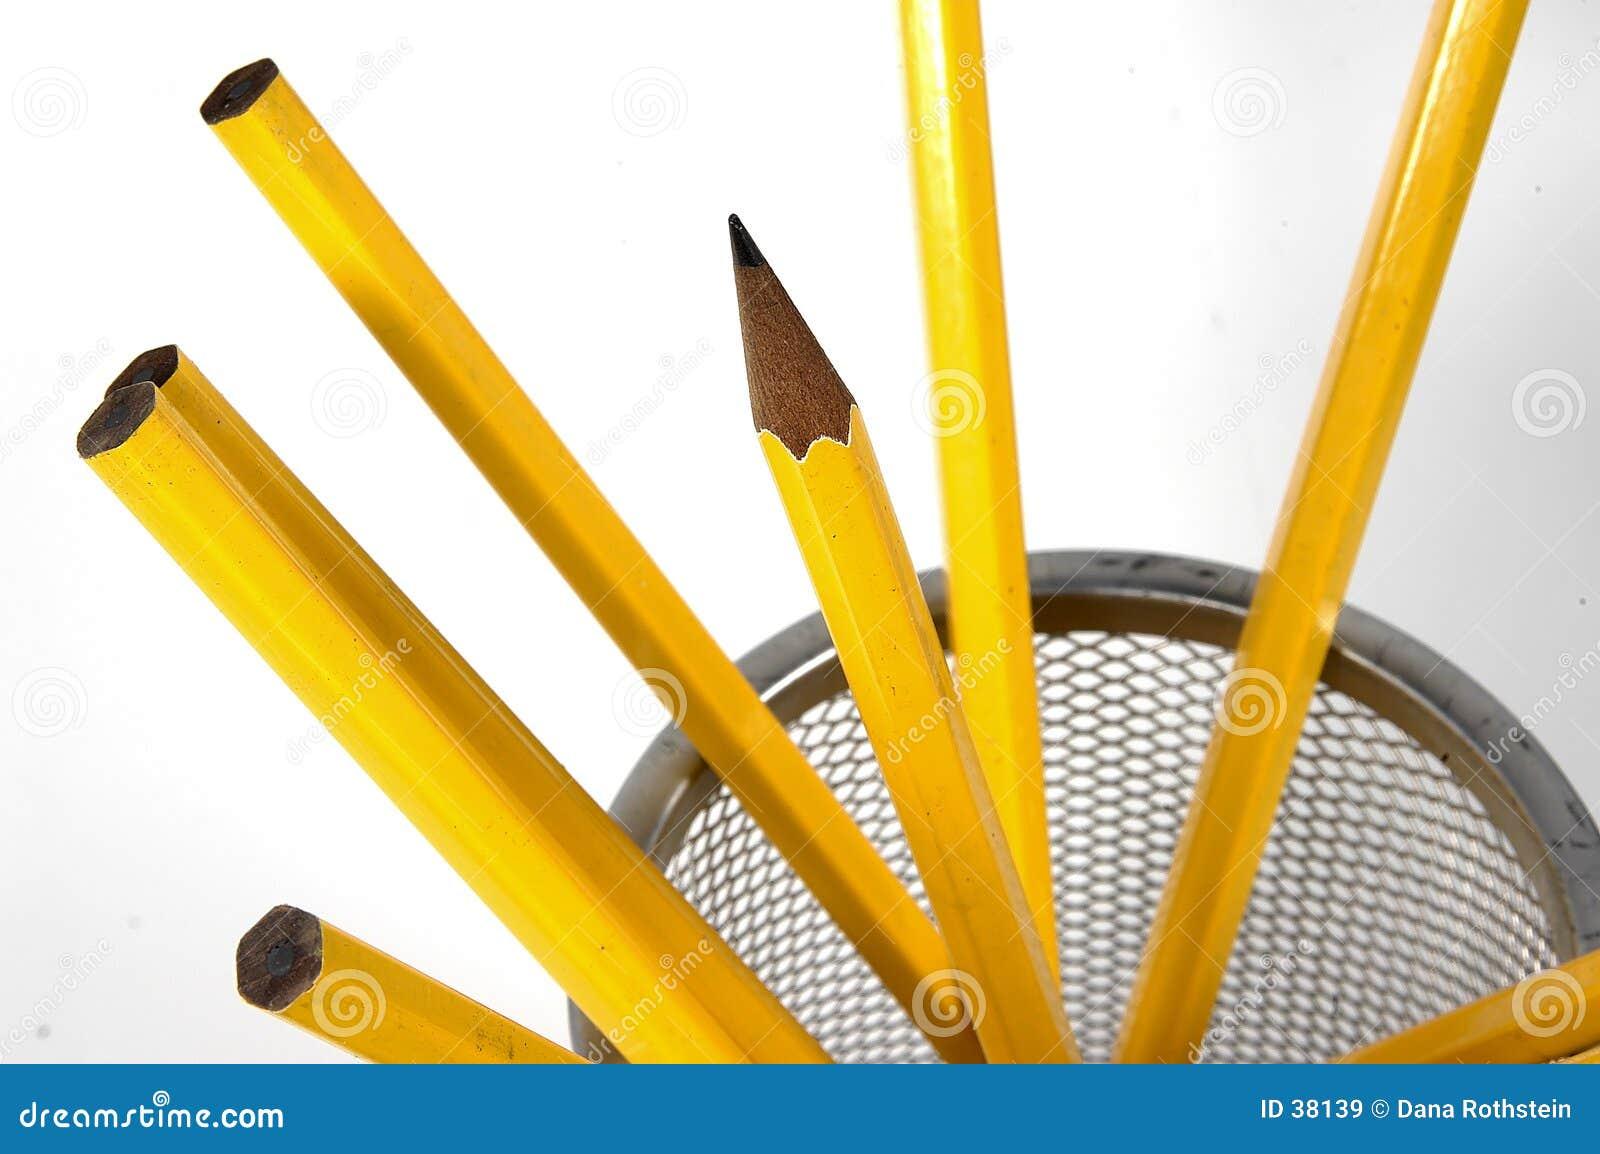 Unsharpened Pencil Clip Art Unsharpened pencils